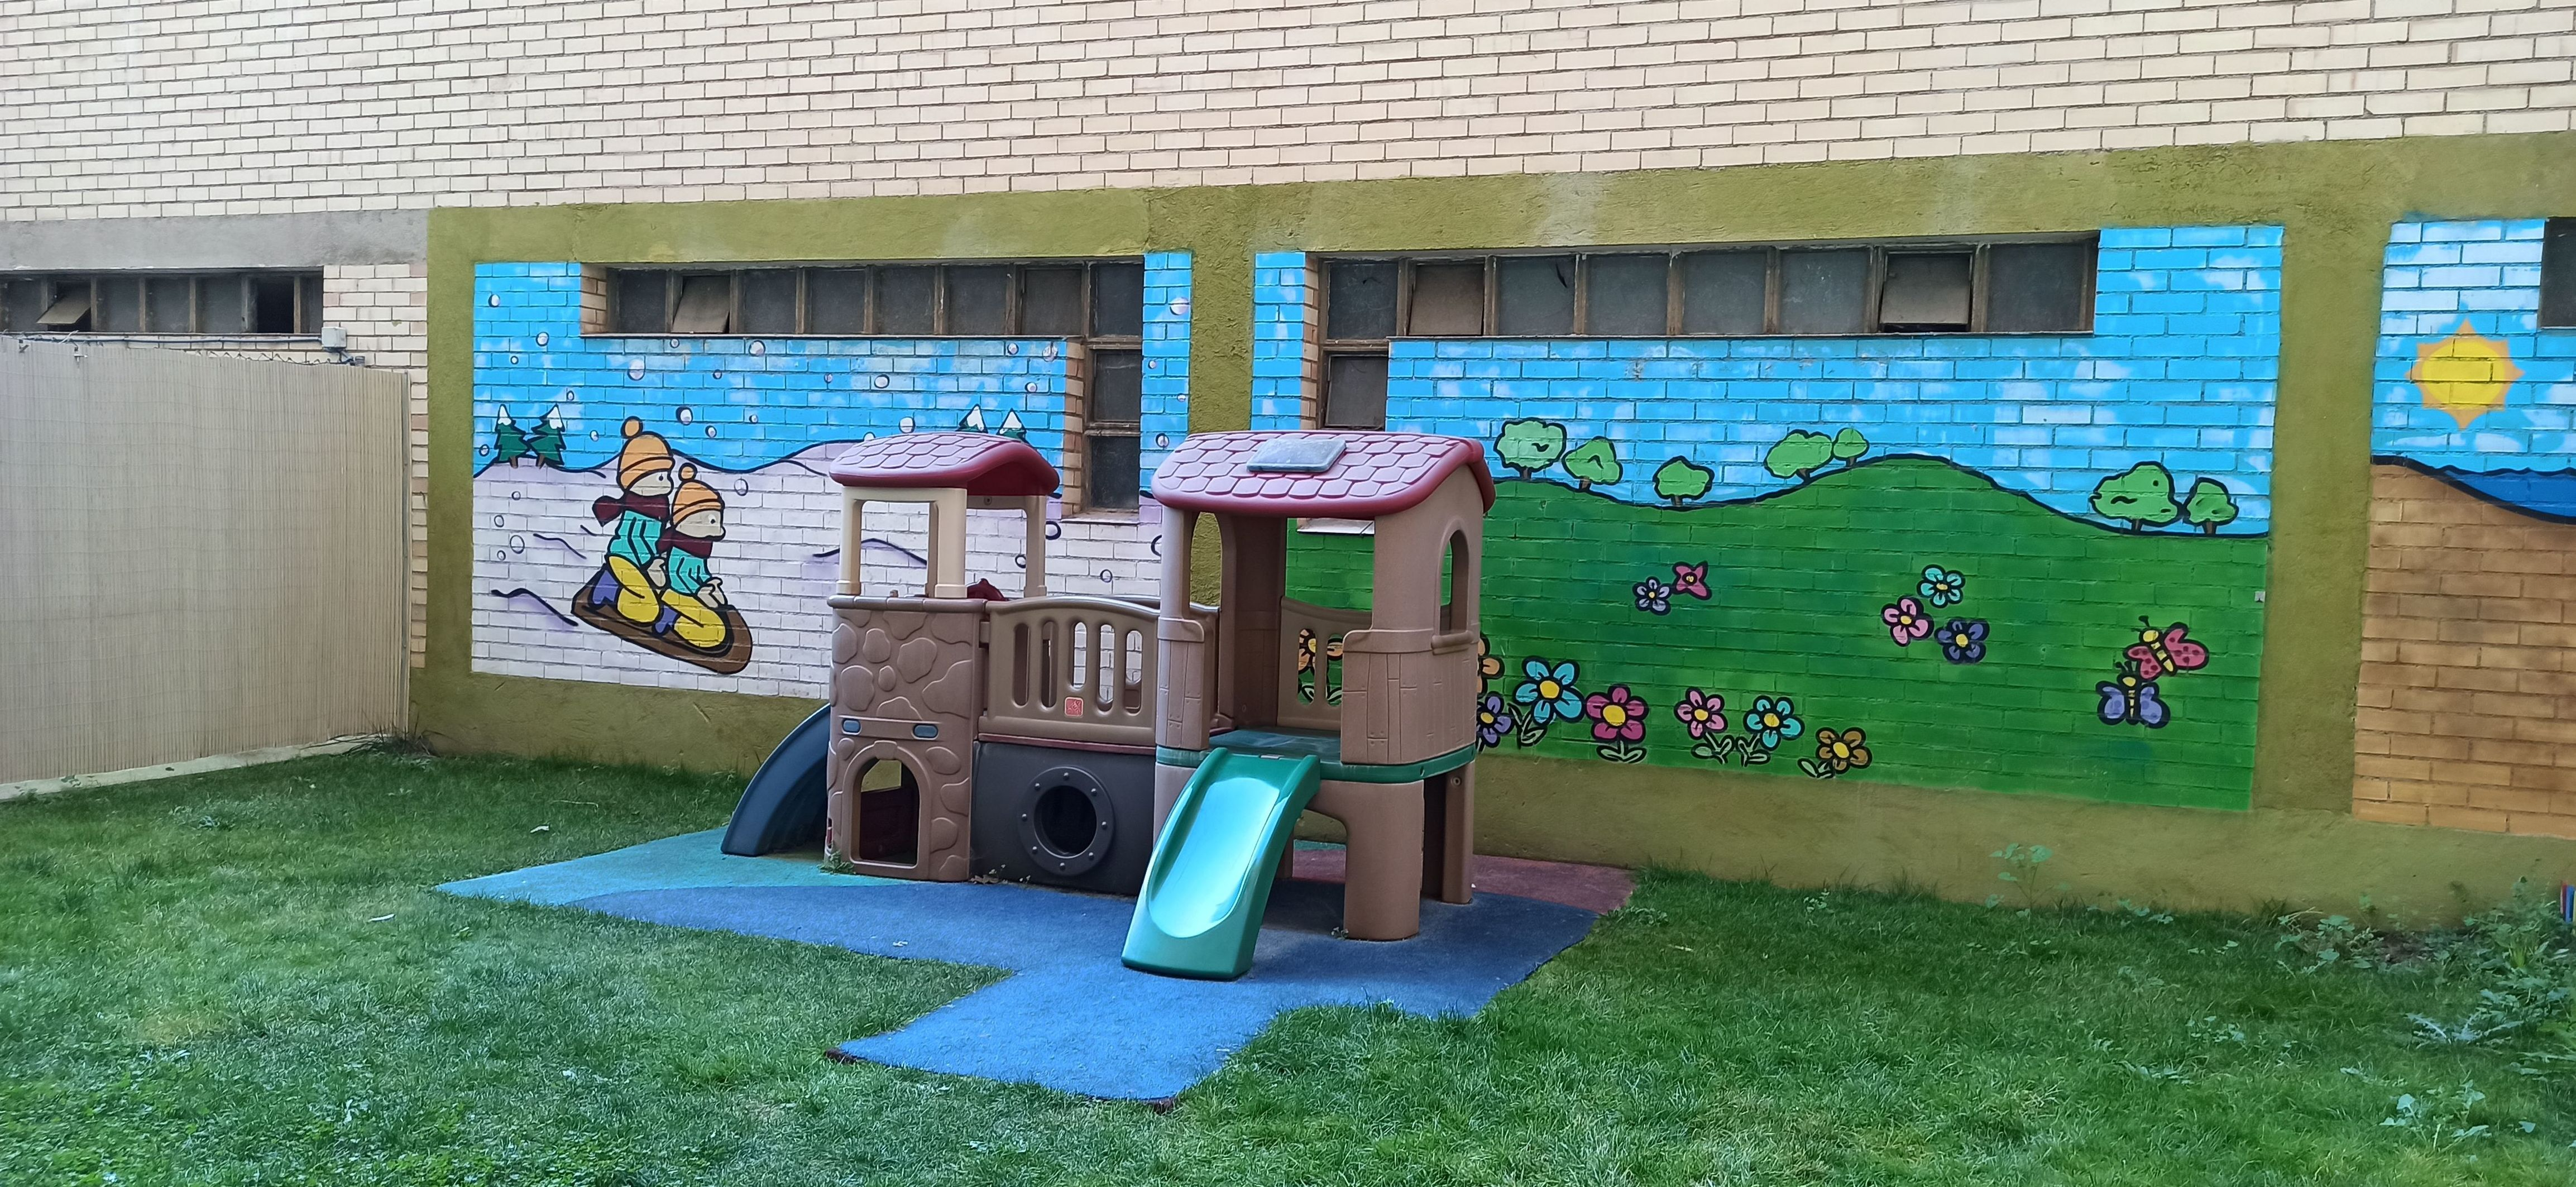 Foto 4 de Guarderías y Escuelas infantiles en Logroño | Centro de Educación Infantil El Parque